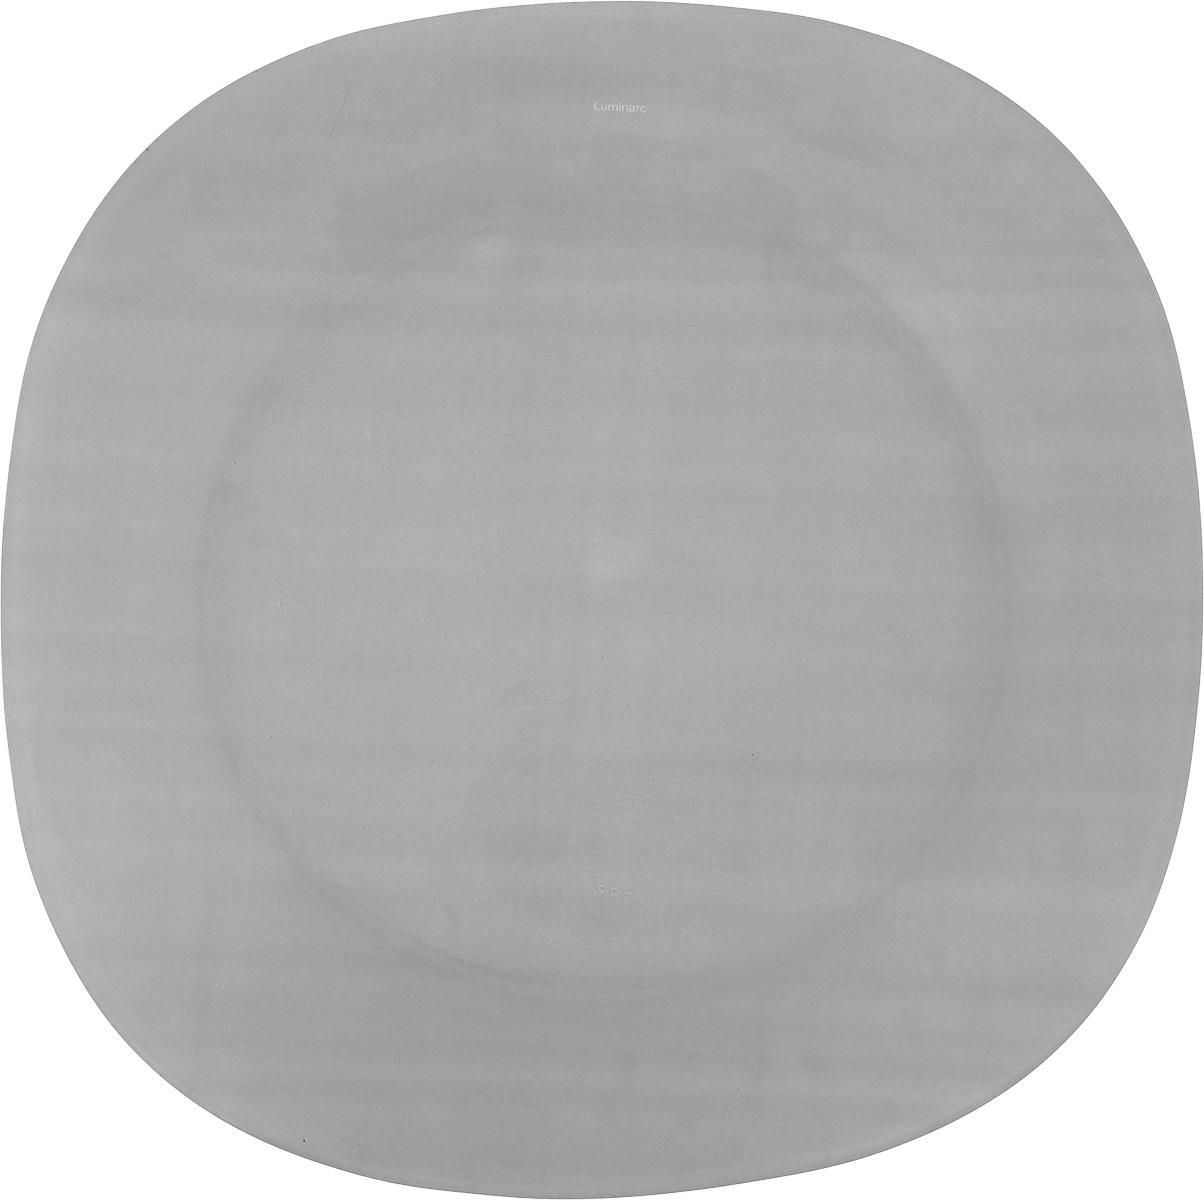 Тарелка обеденная Luminarc Colorama Grey, 25,5 х 25,5 смJ7776Обеденная тарелка Luminarc Colorama Grey, изготовленная из высококачественного стекла, имеет изысканный внешний вид. Яркий дизайн придется по вкусу и ценителям классики, и тем, кто предпочитает утонченность. Тарелка Luminarc Colorama Grey идеально подойдет для сервировки вторых блюд из птицы, рыбы, мяса или овощей, а также станет отличным подарком к любому празднику. Размер тарелки (по верхнему краю): 25,5 х 25,5 см.